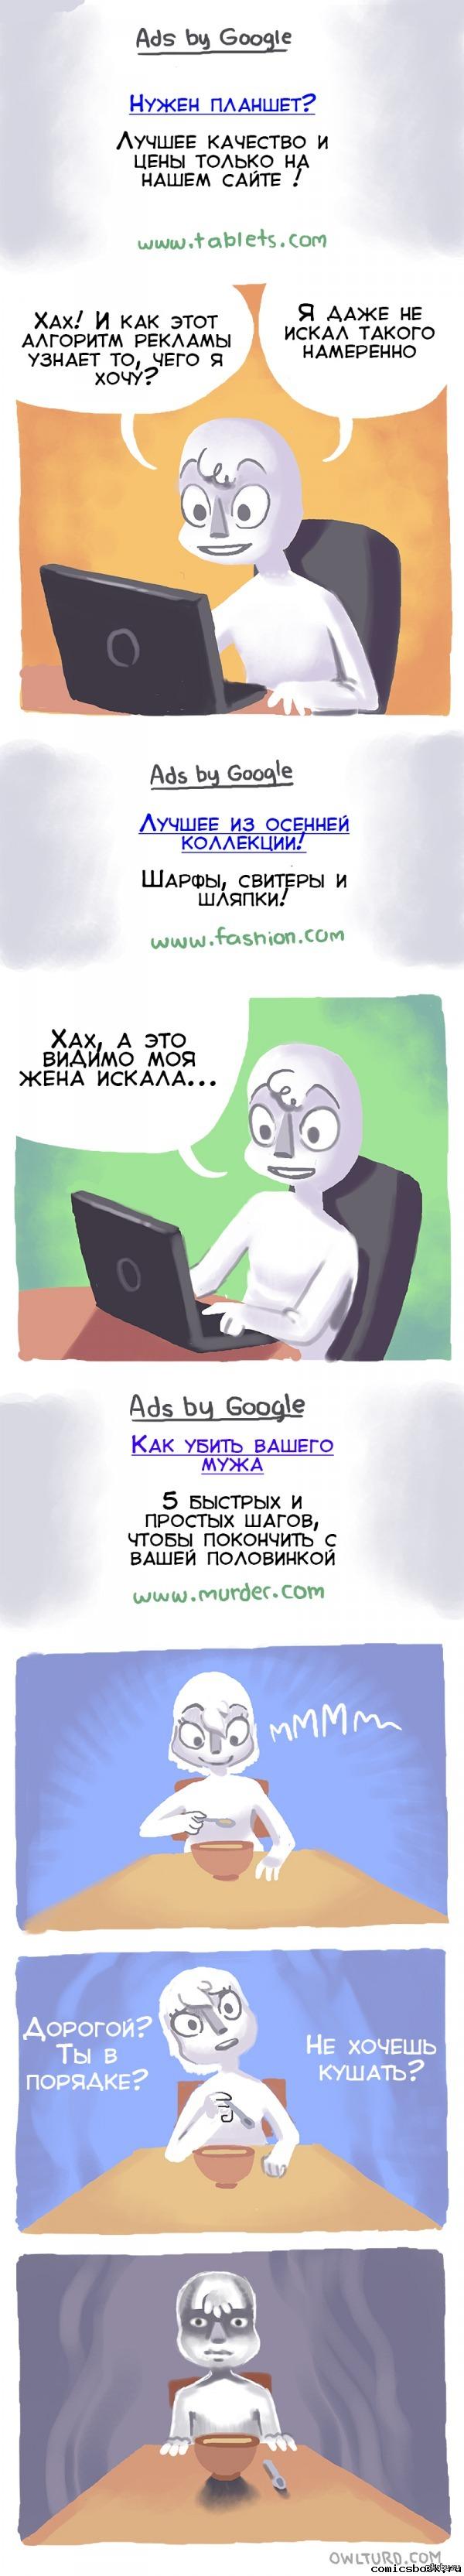 Реклама от Google Баянометр ничего не выдал